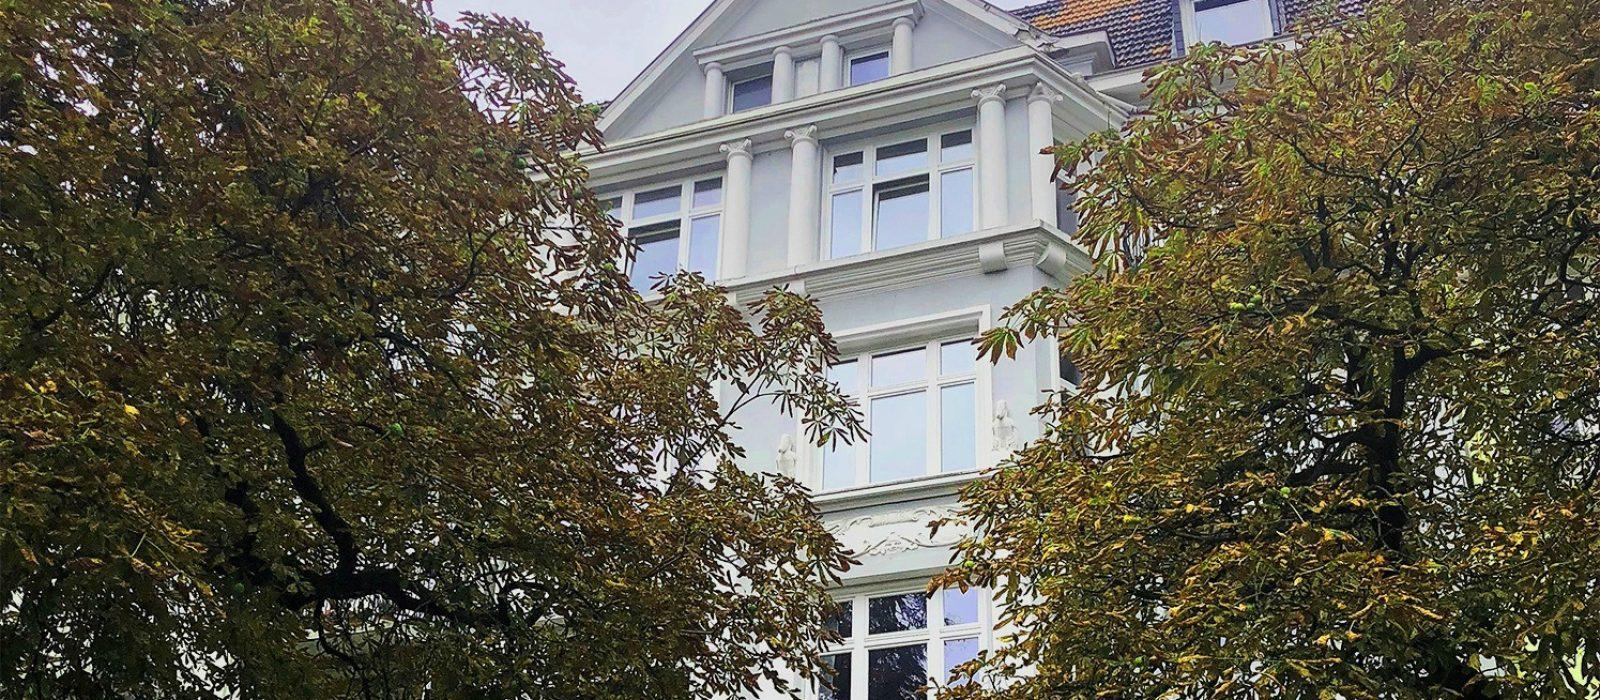 Isestraße 27